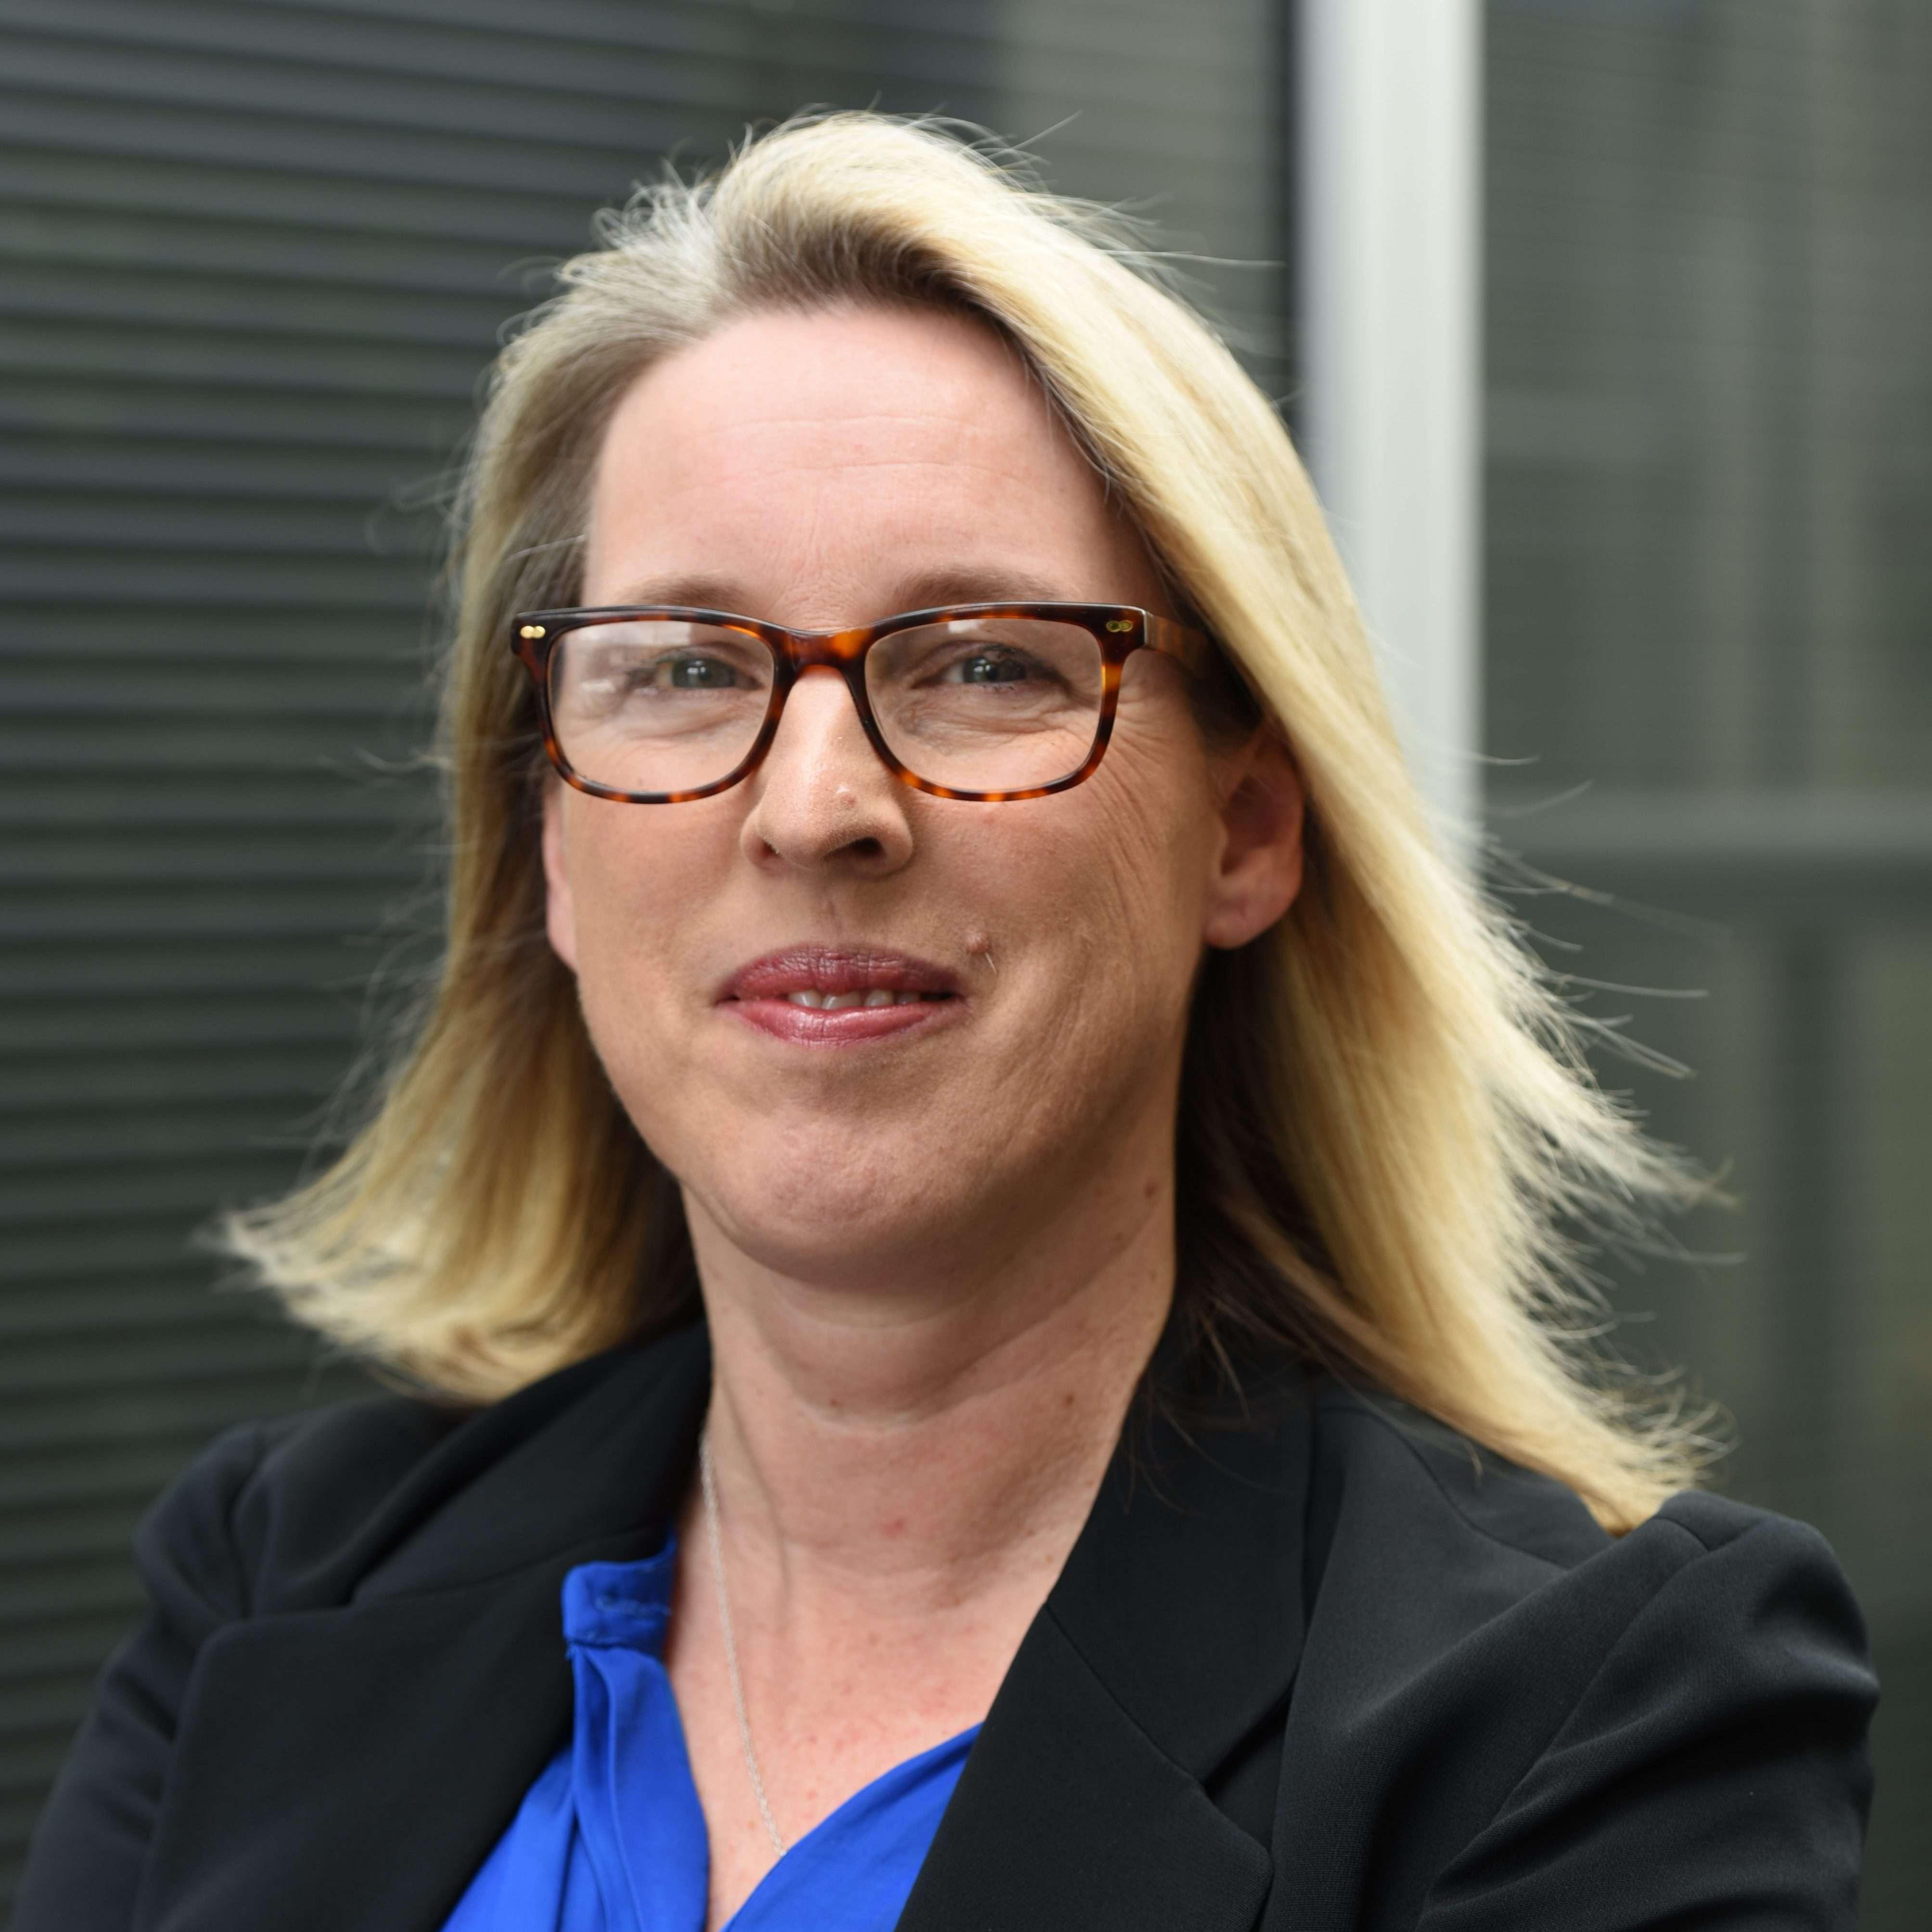 Irene McLachlan